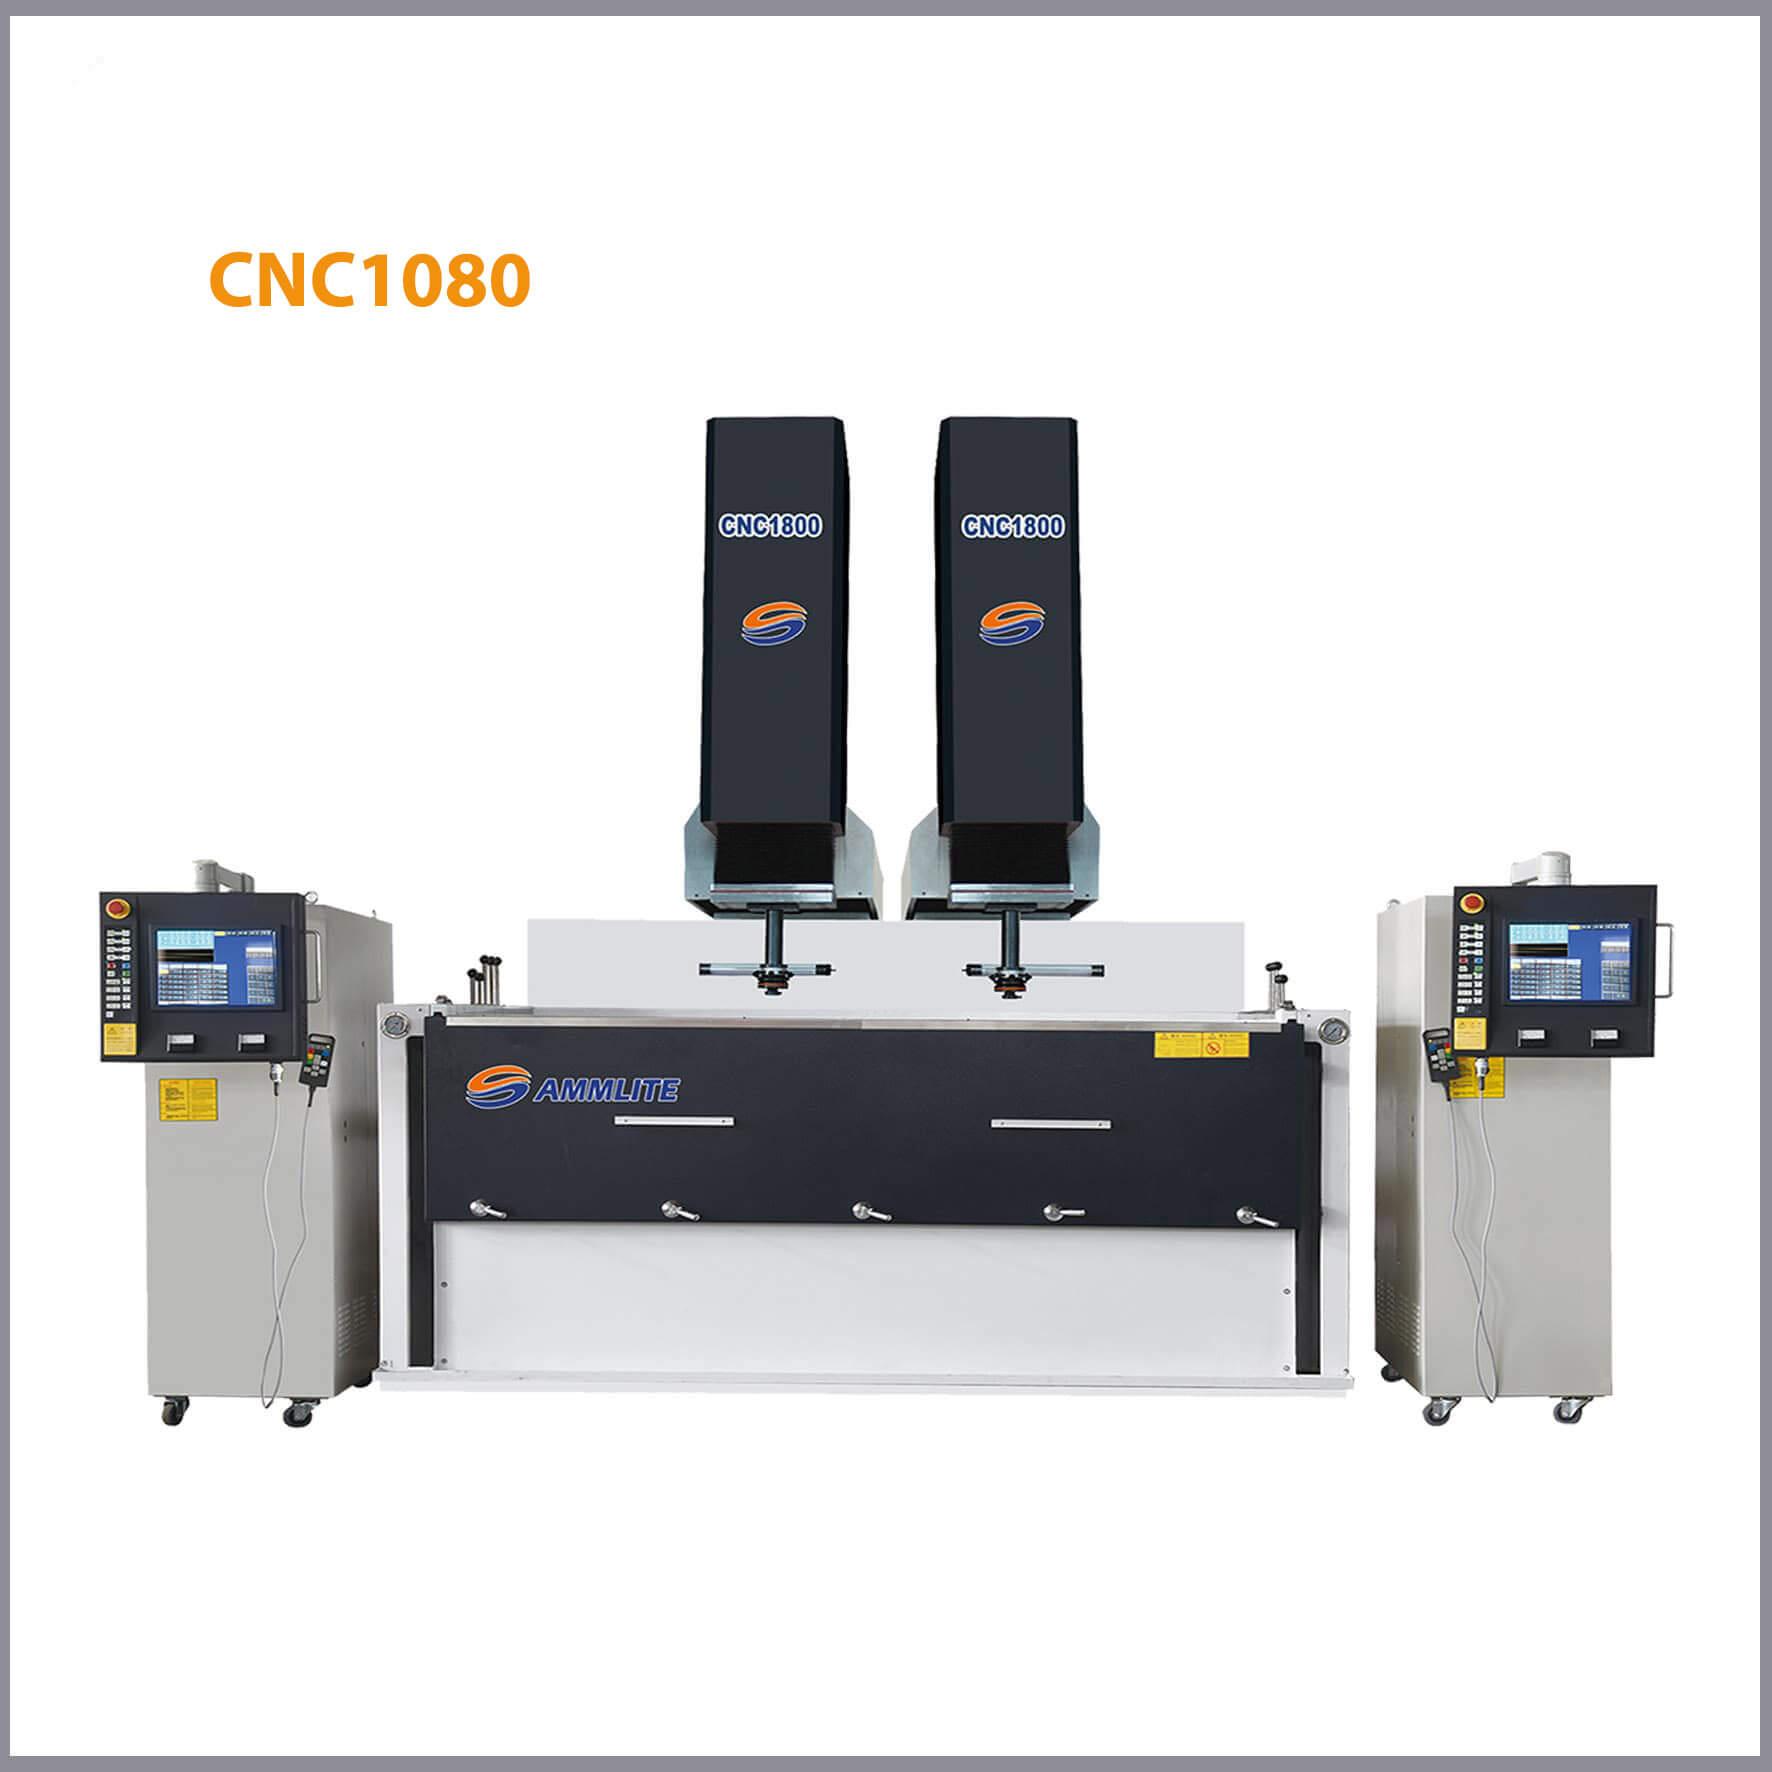 CNC1080 Dalma Erozyon Tezgahı